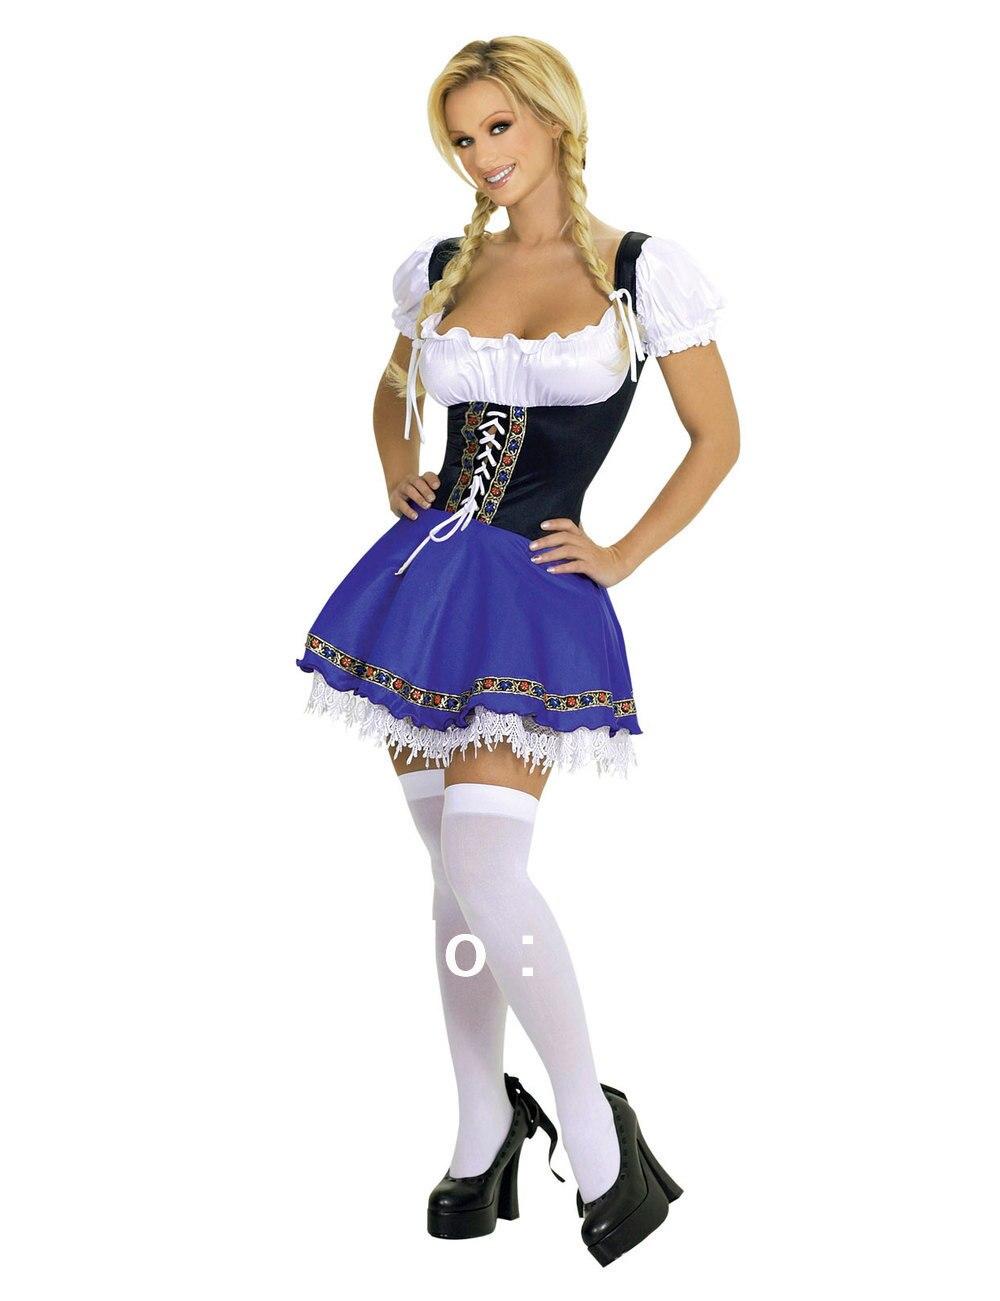 UTMEON-сексуальный женский костюм Октоберфеста Dirndl, платье горничной, немецкий баварский костюм для косплея, Сексуальные вечерние костюмы на Хэллоуин - Цвет: Многоцветный